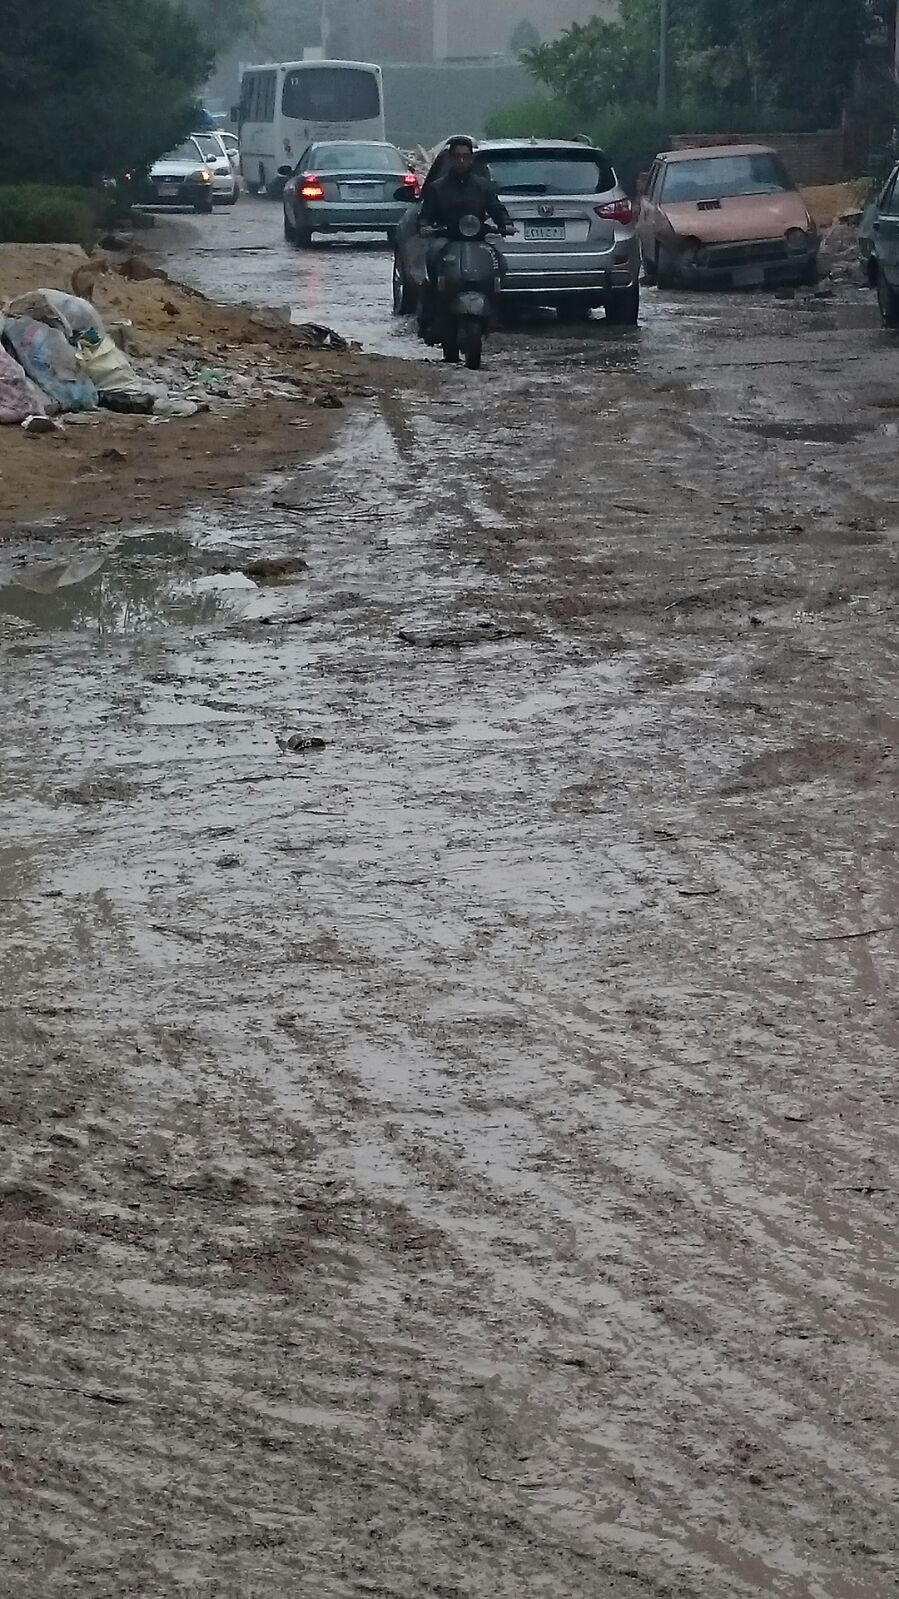 انتشار مخلفات البناء والقمامة وطفح الصرف بمنطقة التعاون بالجيزة